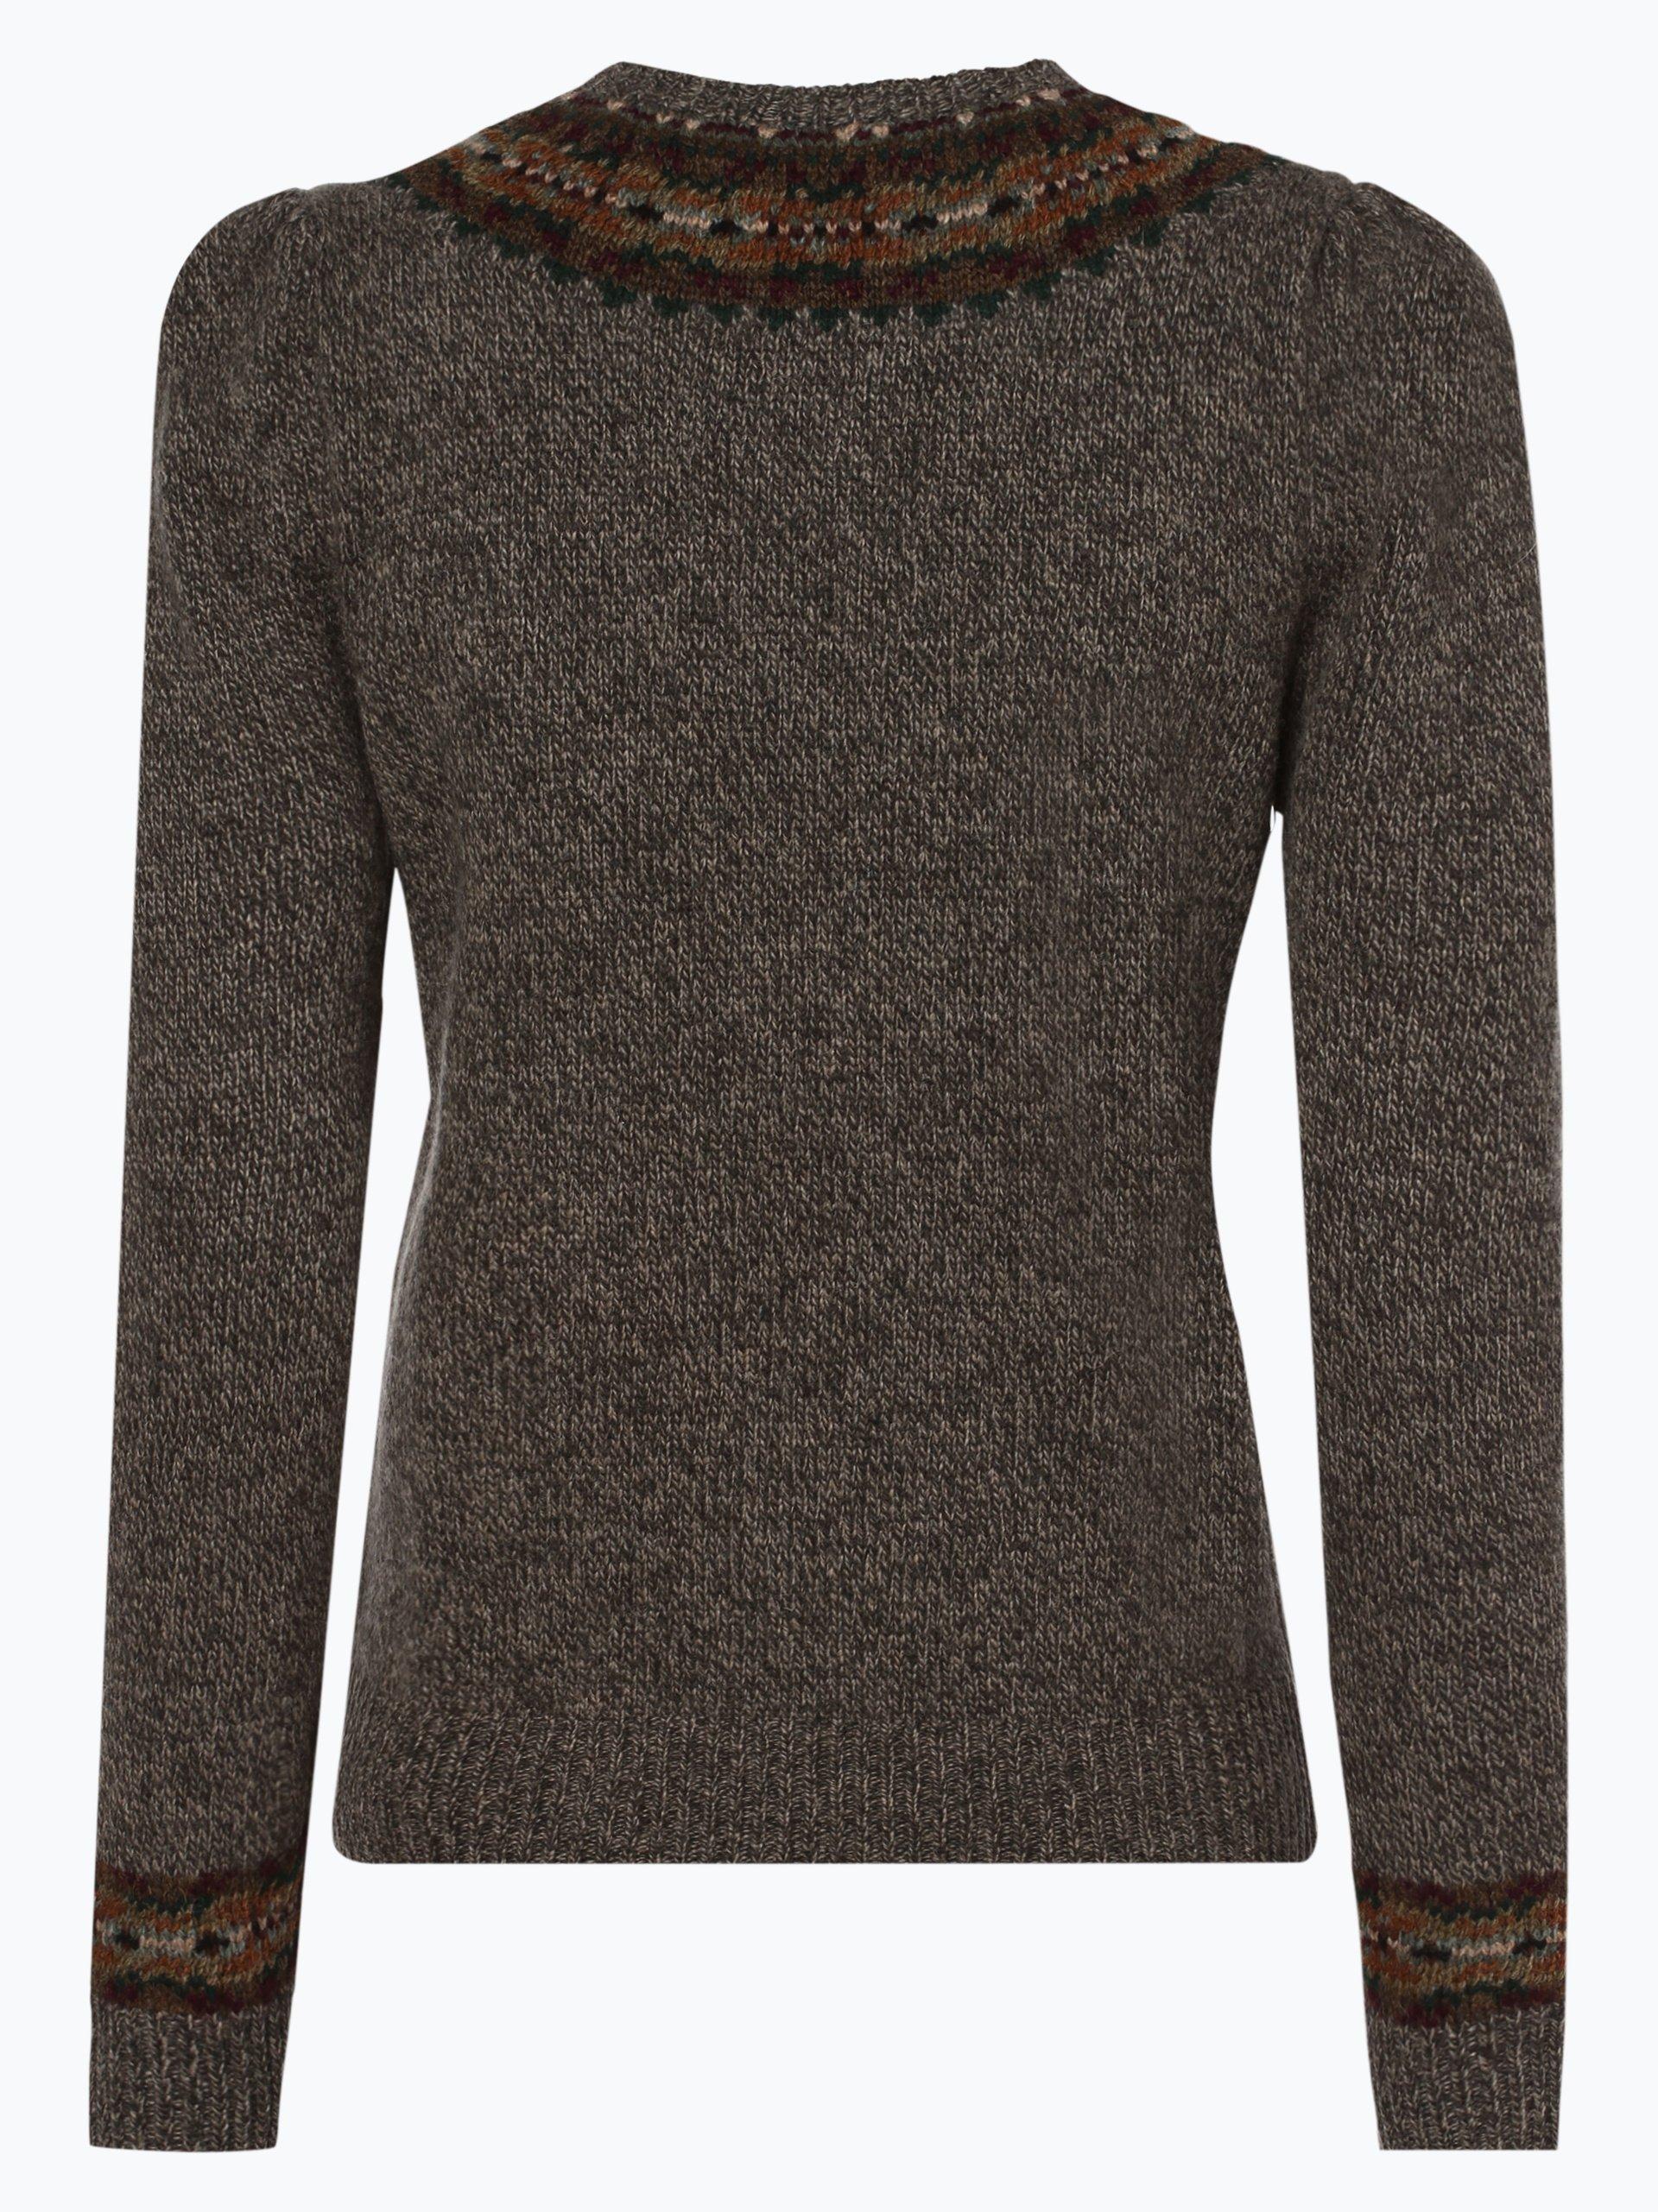 Polo Ralph Lauren Damen Pullover mit Alpaka-, Merino- und Cashmere-Anteil